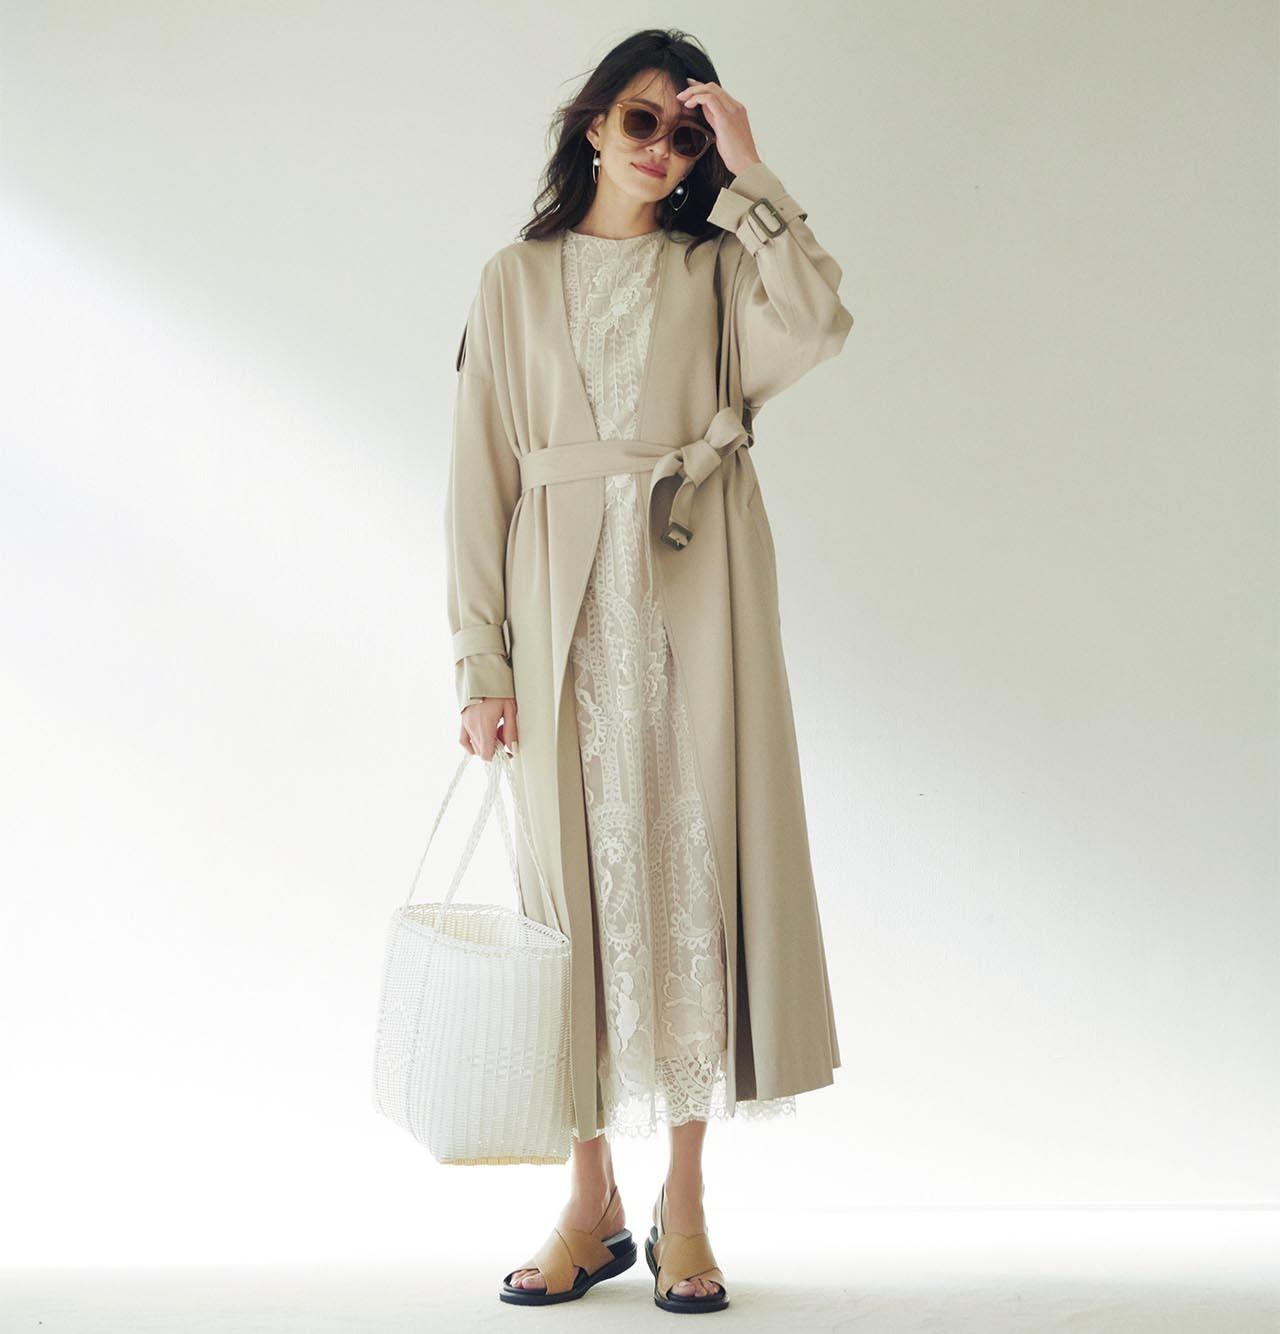 トレンチコート×レースワンピースこーでを着たモデルのRINAさん